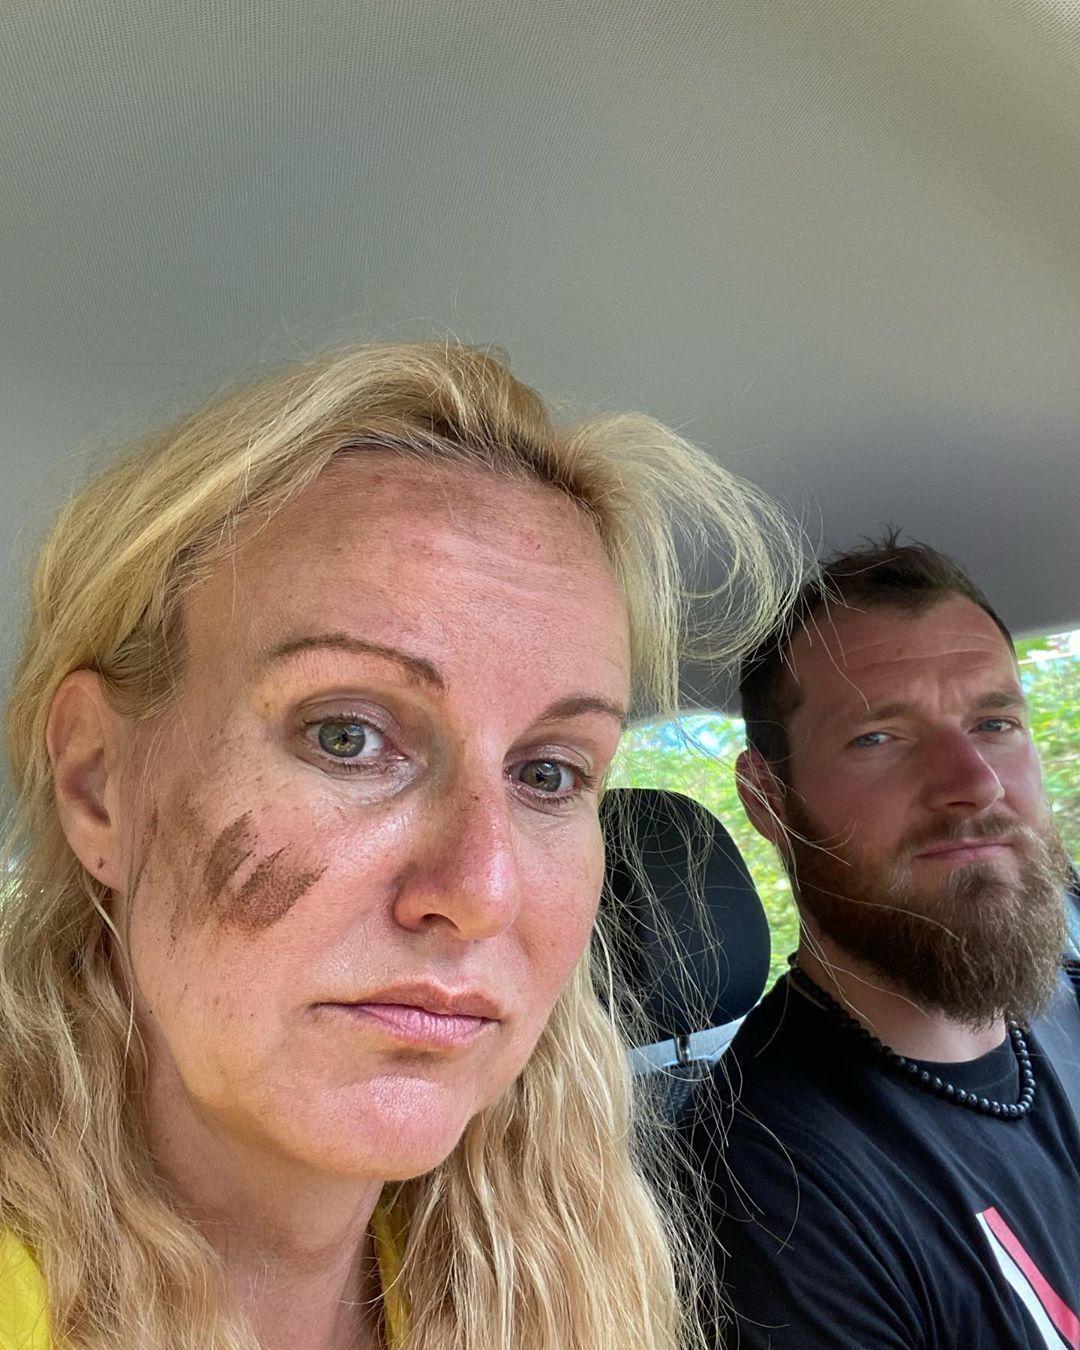 Vendula Pizingerová s manželem podnikají dobrodružné výpravy